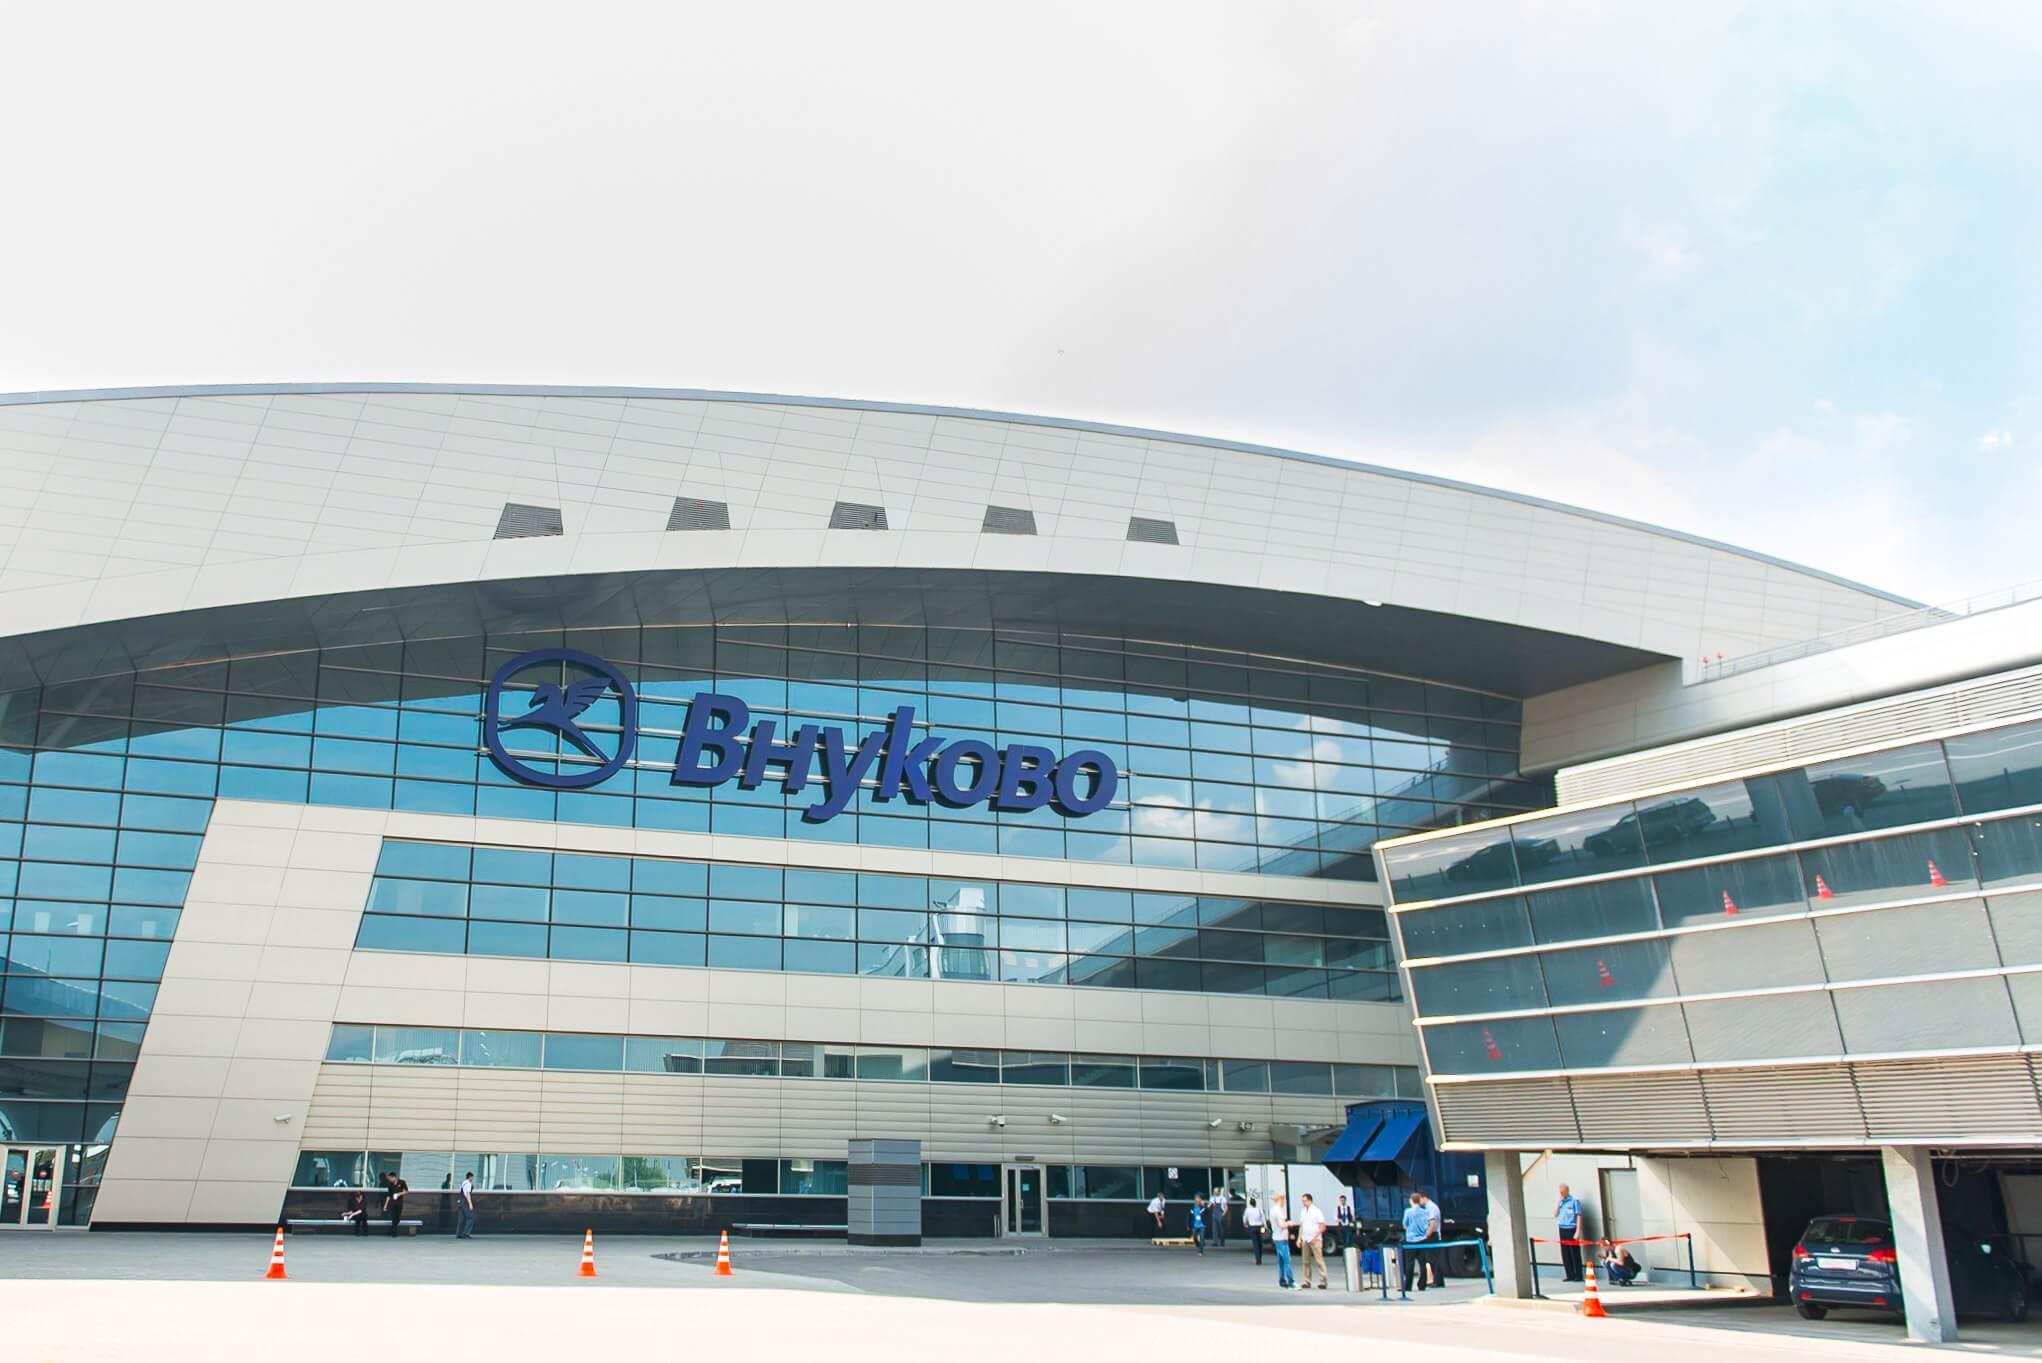 В аэропорту Внуково в 2021 году внедрят интеллектуальную систему охраны